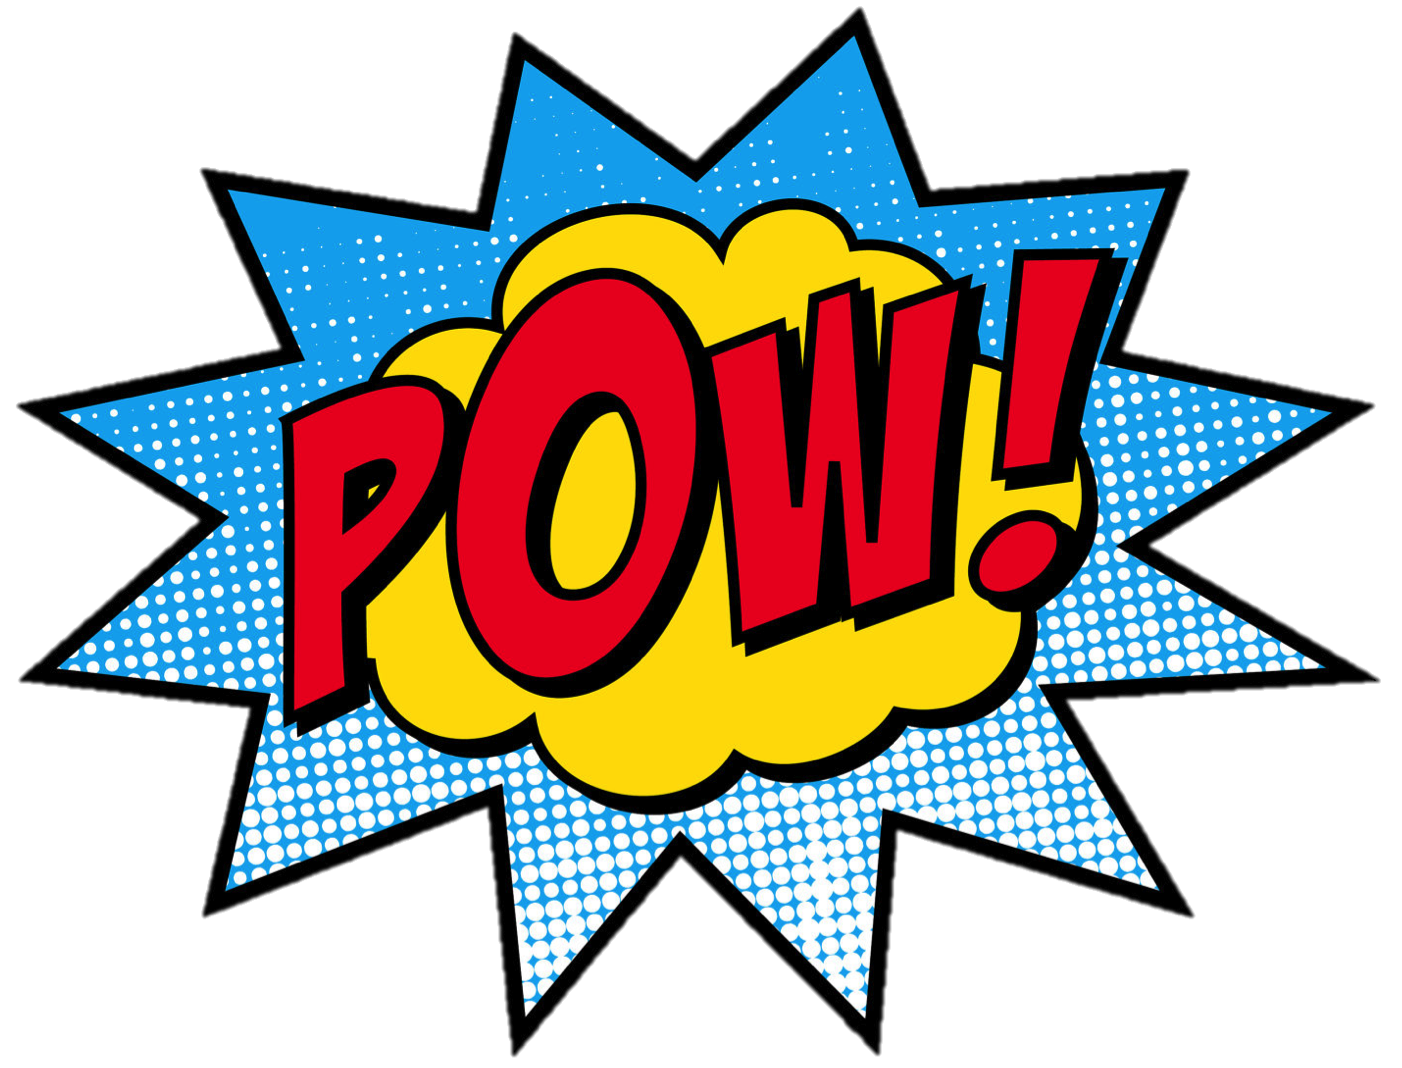 Super Hero Words Clip Art Clipart Panda -Super Hero Words Clip Art Clipart Panda Free Clipart Images-16